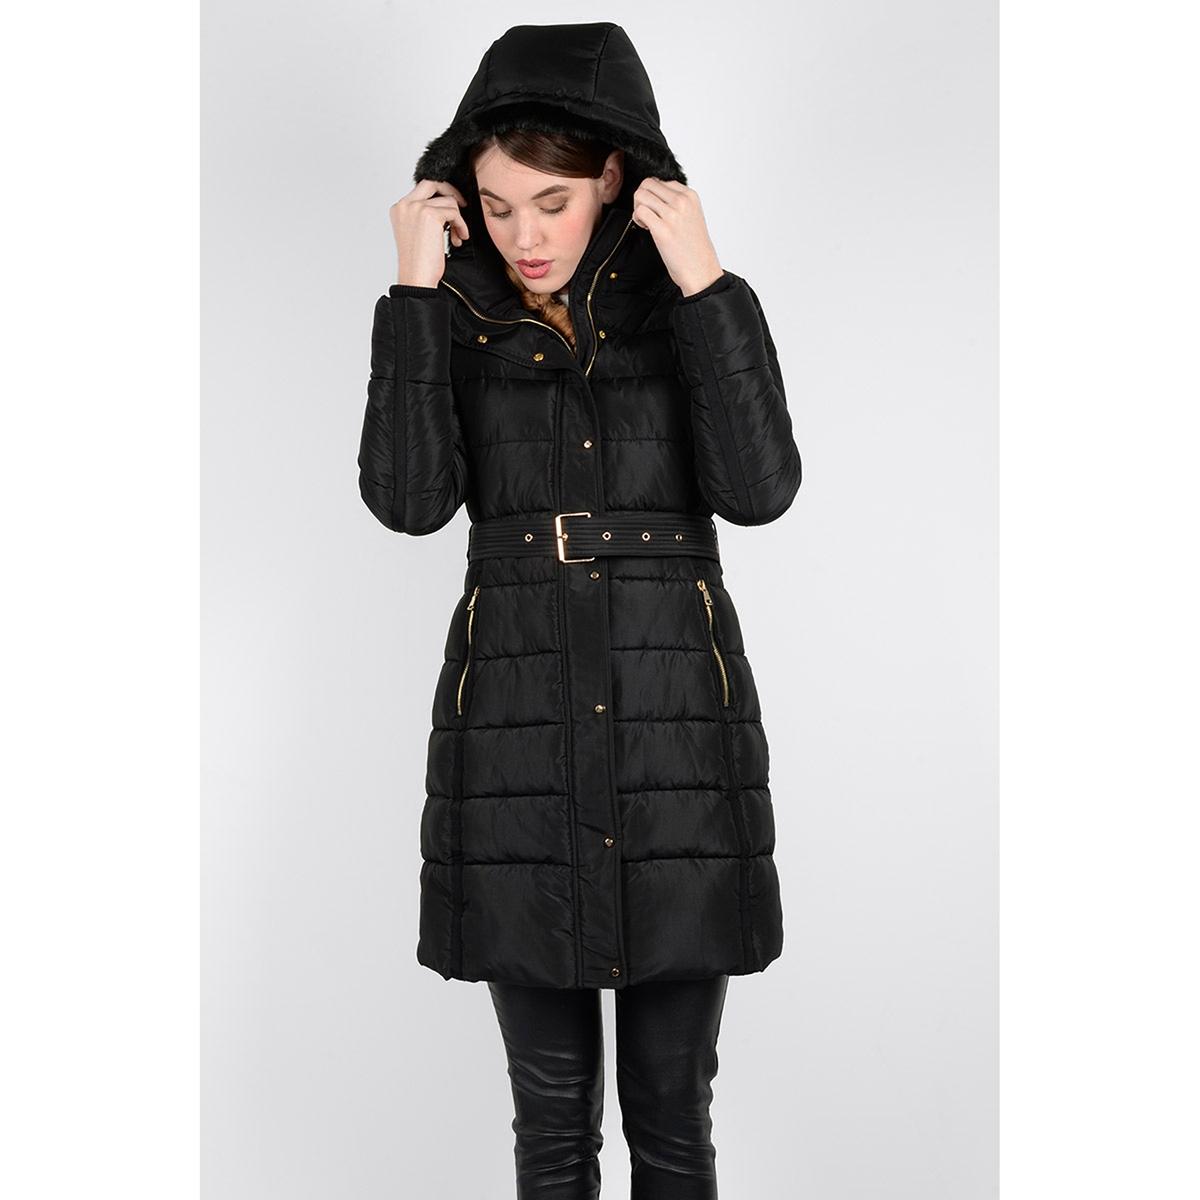 Куртка стеганая длинная с капюшоном с оторочкой мехомОписание:Длинное пальто в стиле стеганой куртки MOLLY BRACKEN, с поясом. Воротник-стойка для защиты от холода. Капюшон на подкладке из искусственного меха. Карманы на молнии.Детали •  Длина  : удлиненная модель •  Воротник-стойка •  Застежка на молнию •  С капюшономСостав и уход •  100% полиэстер •  Следуйте советам по уходу, указанным на этикетке<br><br>Цвет: черный<br>Размер: S